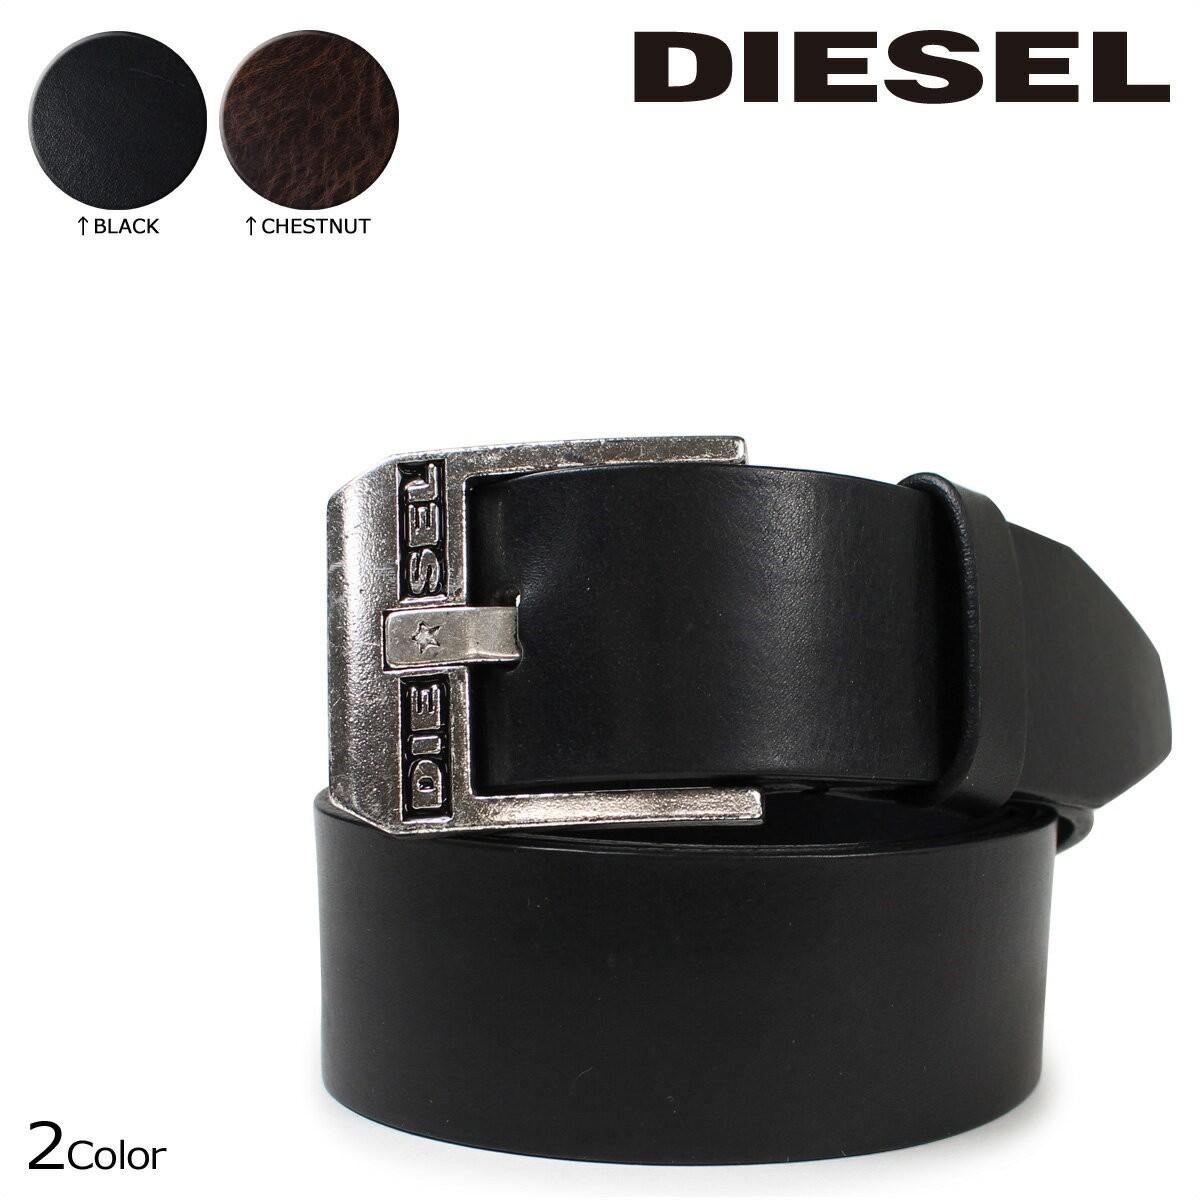 ディーゼル ベルト メンズ DIESEL レザー 本革 ロゴ入り カジュアル BLUESTAR X03728 PR227 ブラック ブラウン [12/26 追加入荷]